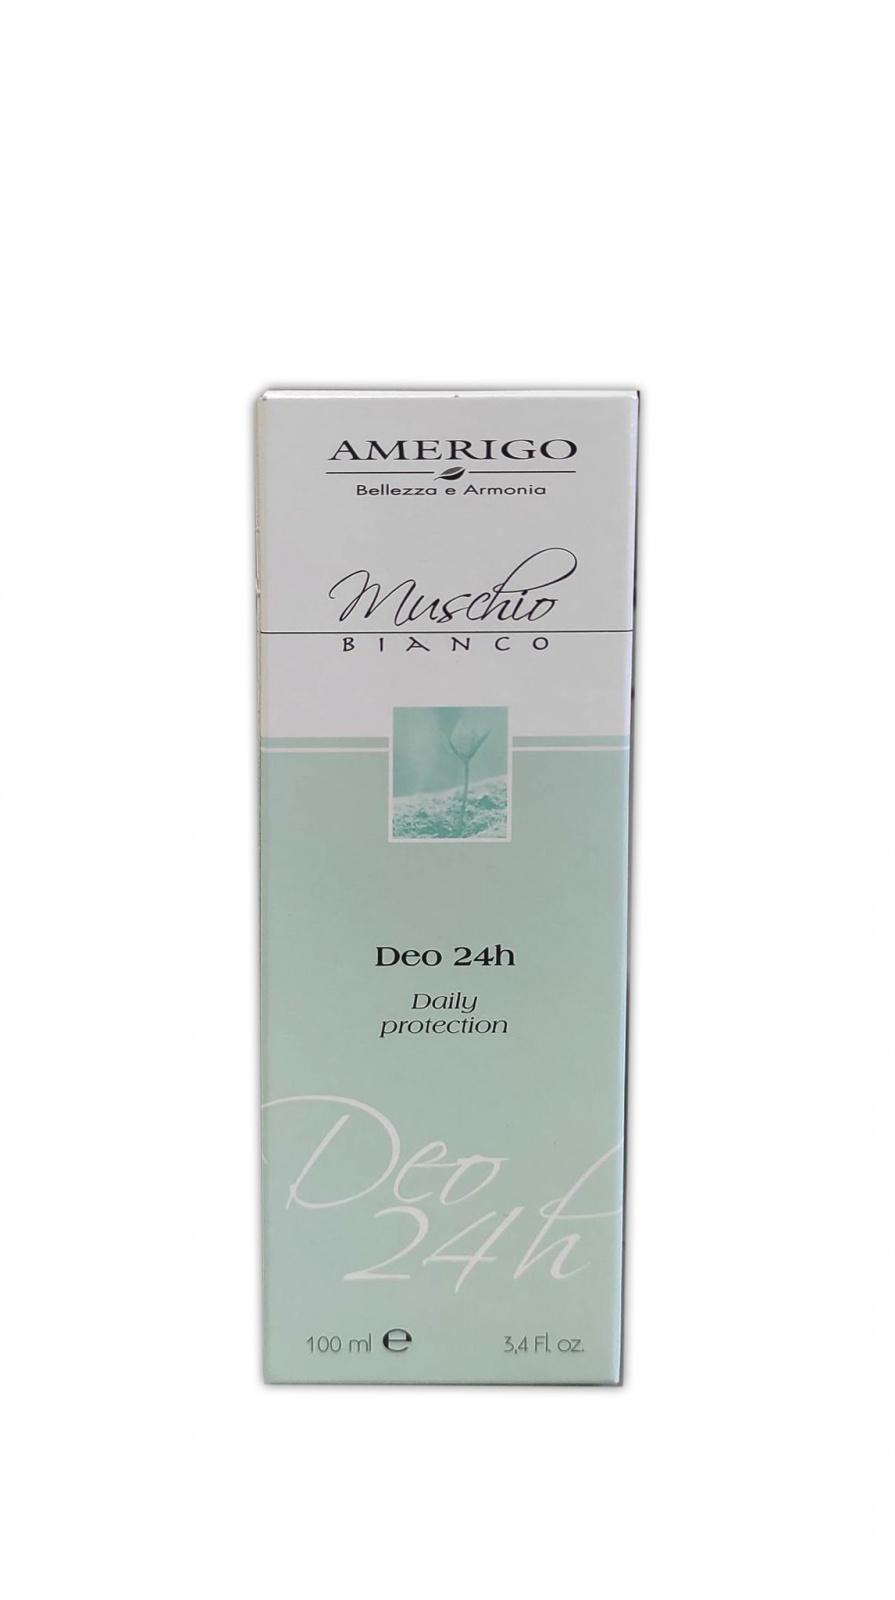 Image of Amerigo Muschio Bianco Deo 24h - 100 ml